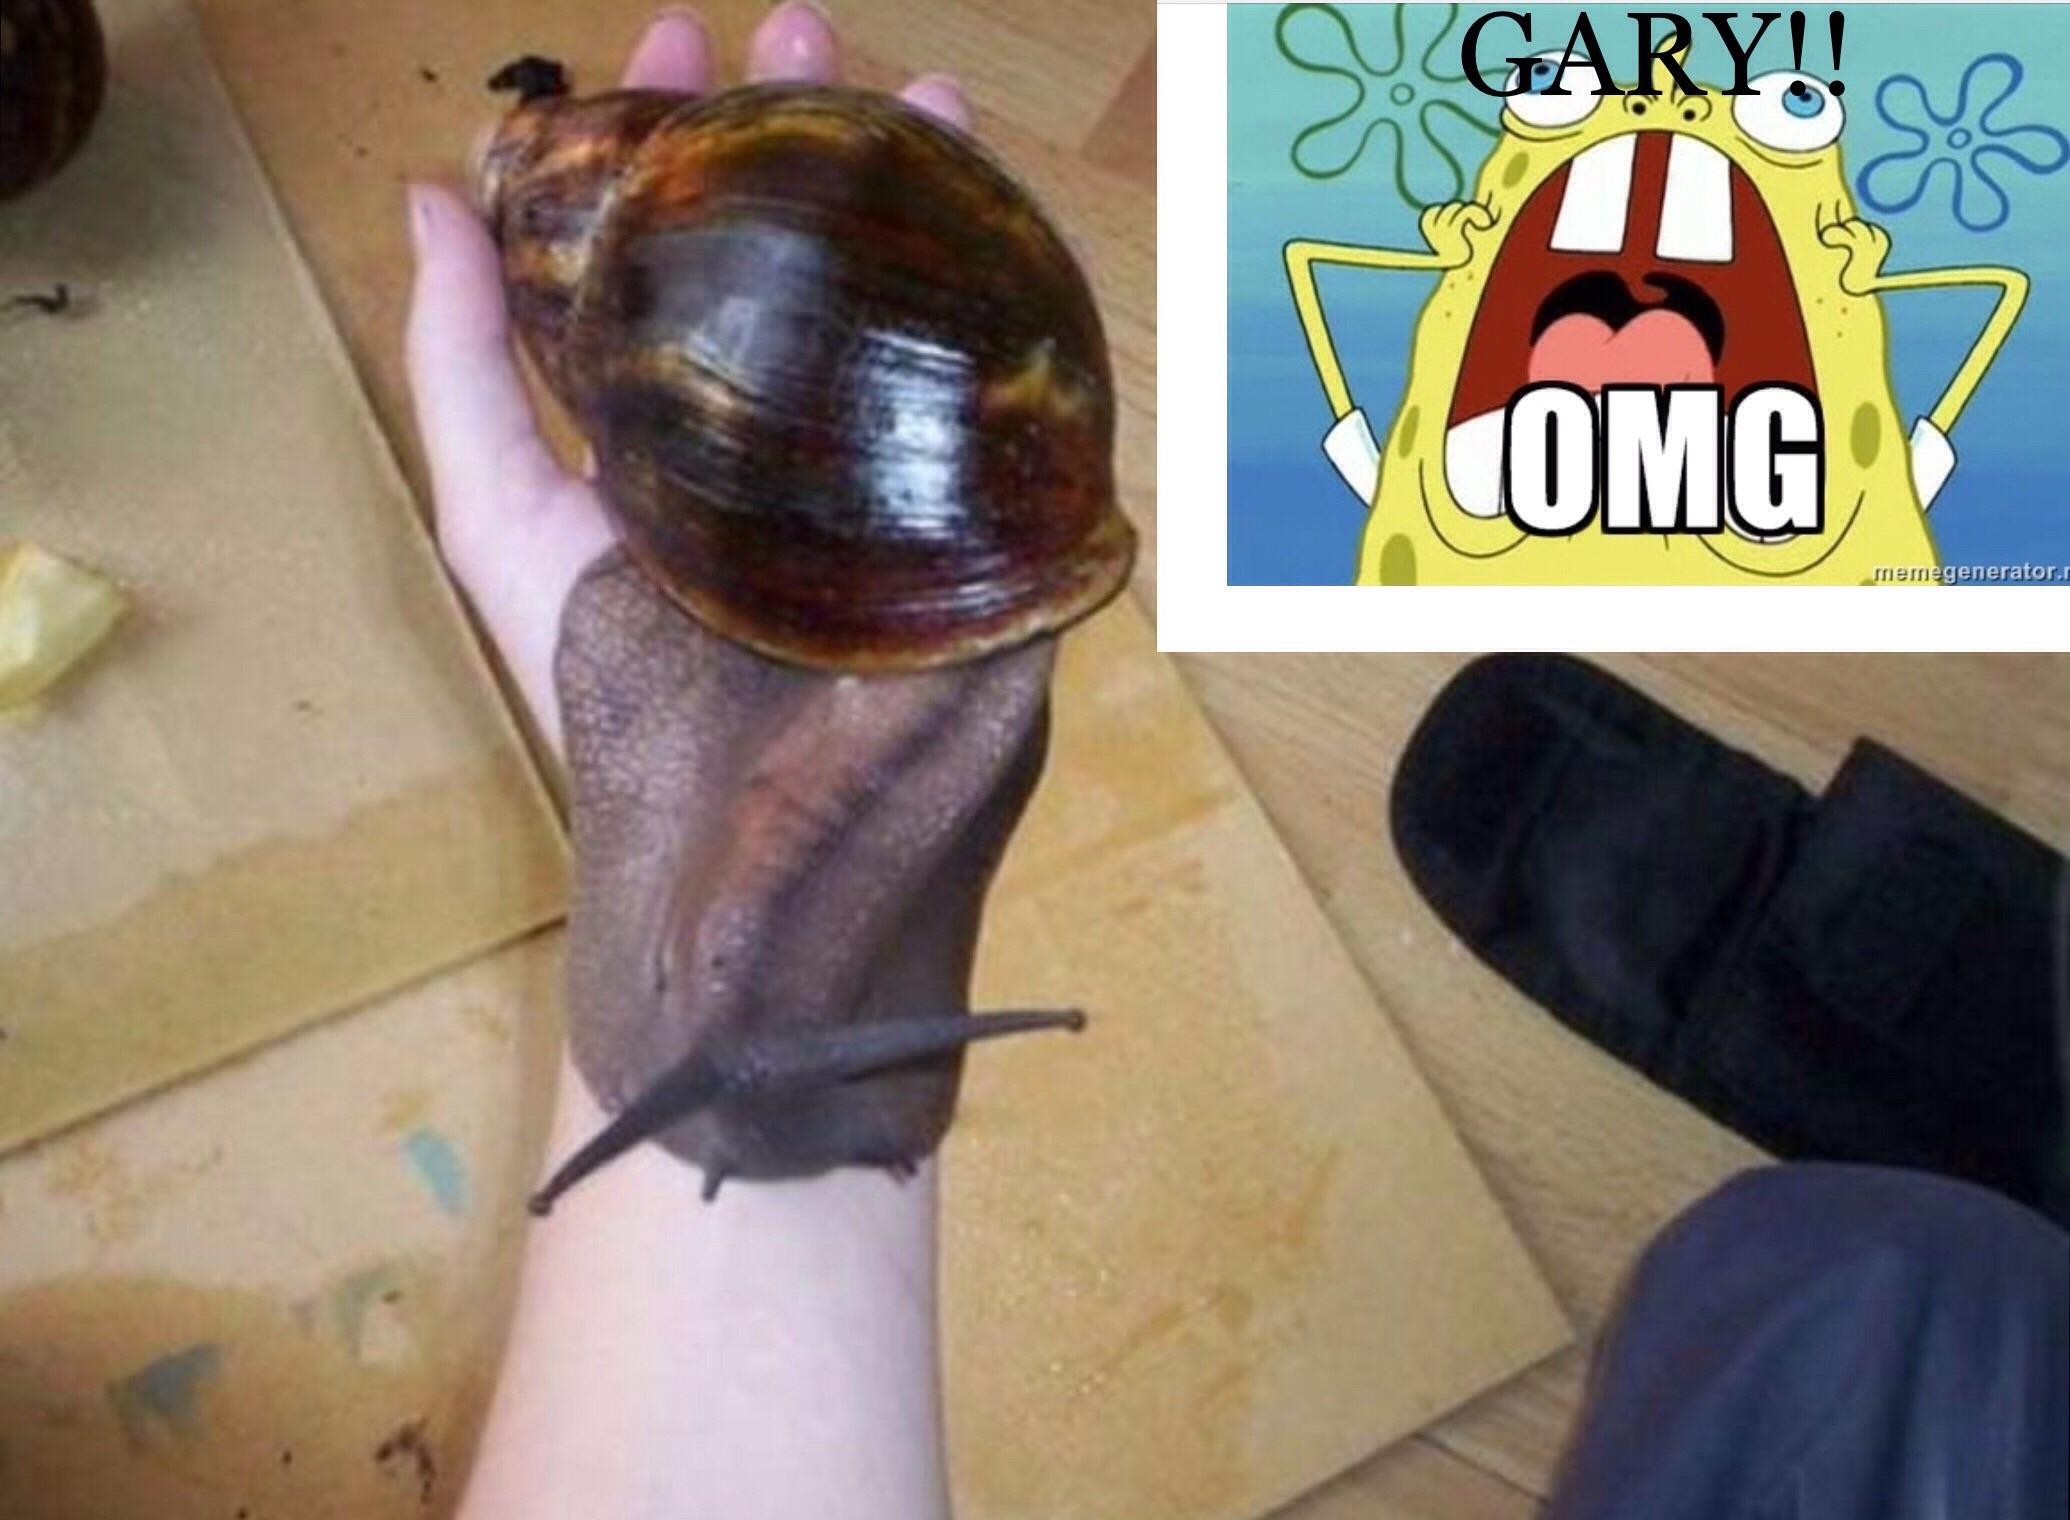 Perso cette escargot je le mange pas . - meme